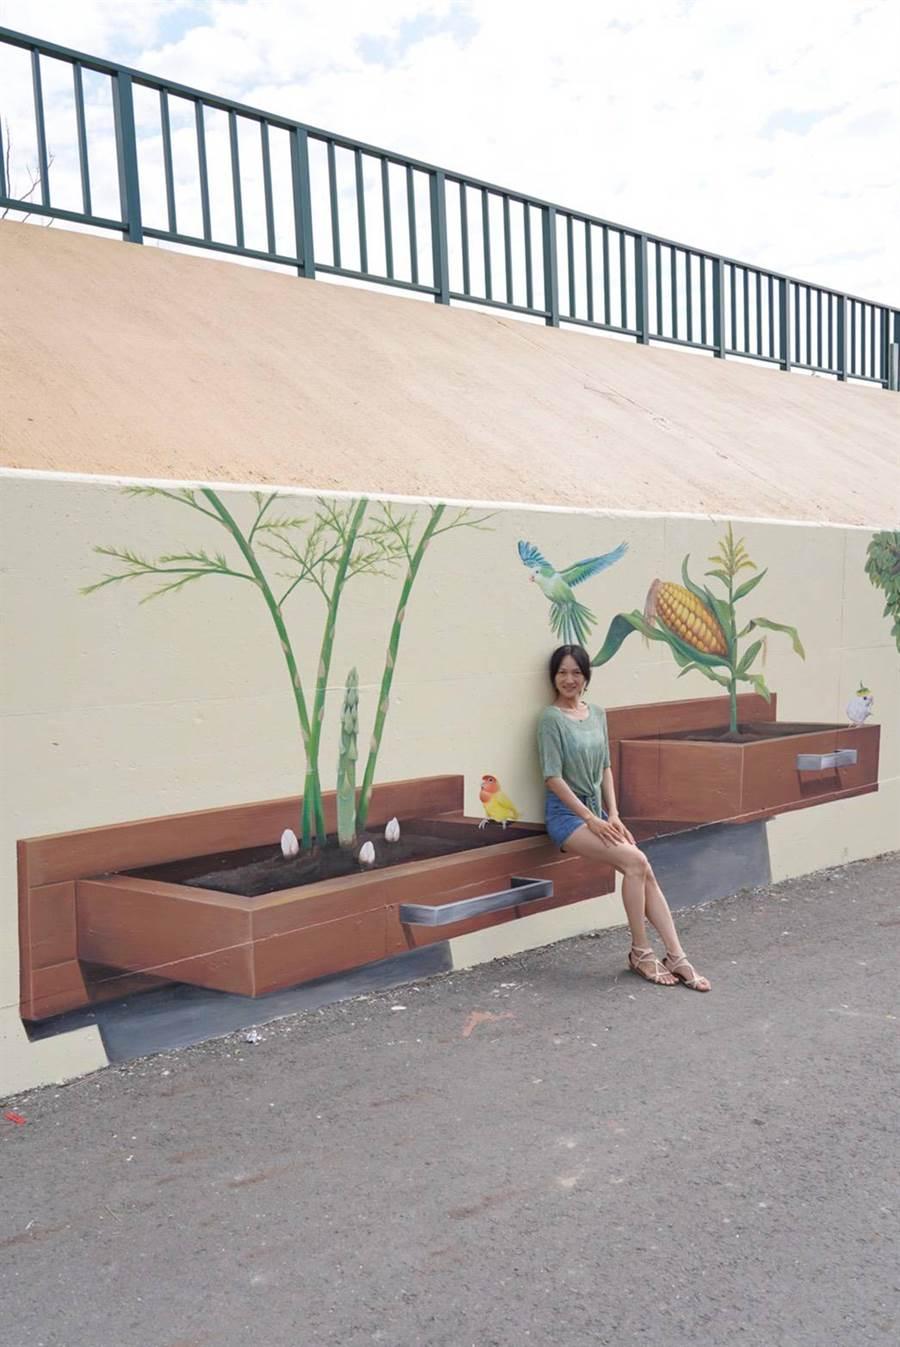 陳詩薏示範運用彩繪牆,呈現與鸚鵡互動的意象。(陳詩薏提供/張毓翎嘉義傳真)